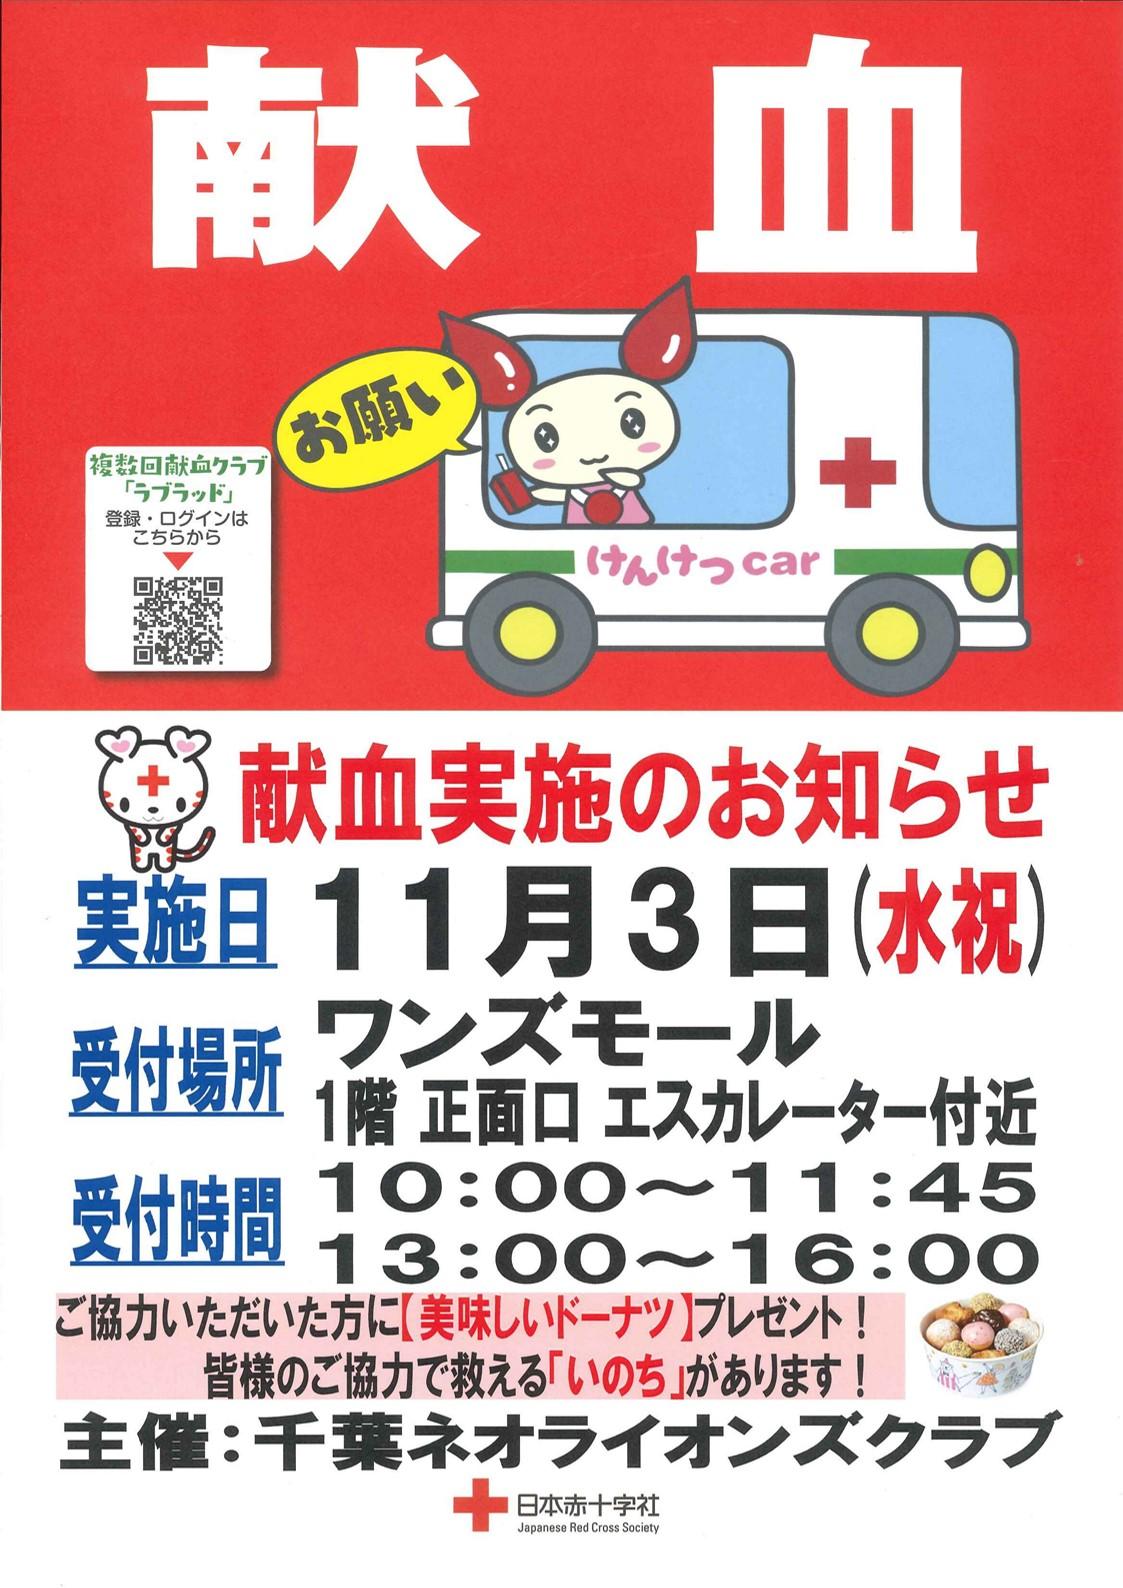 献血のお知らせ:イメージ